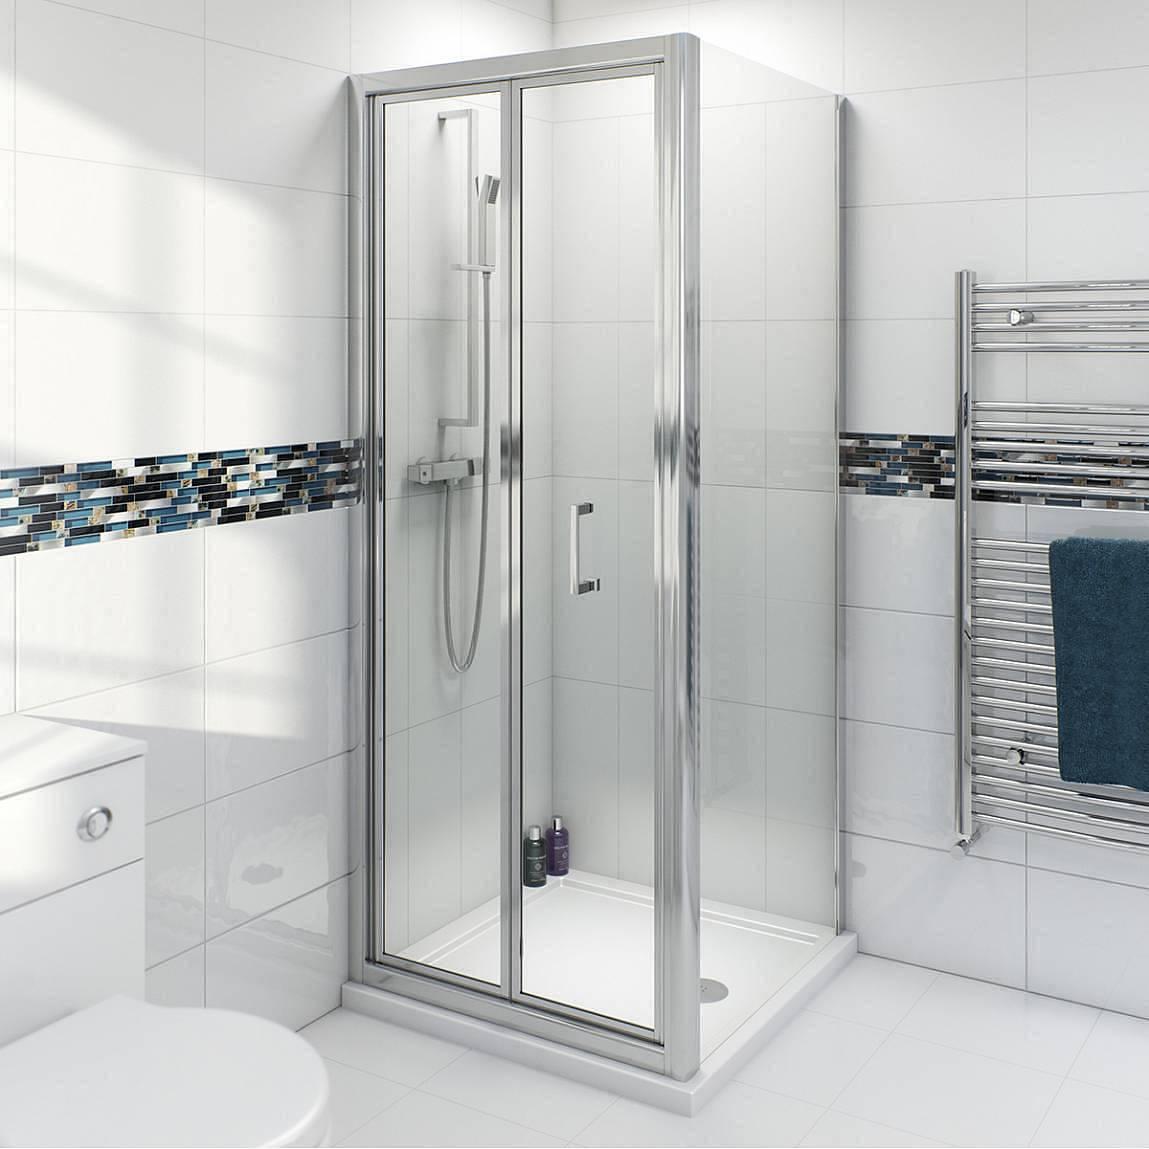 Image of V6 Bifold Enclosure 700 x 800